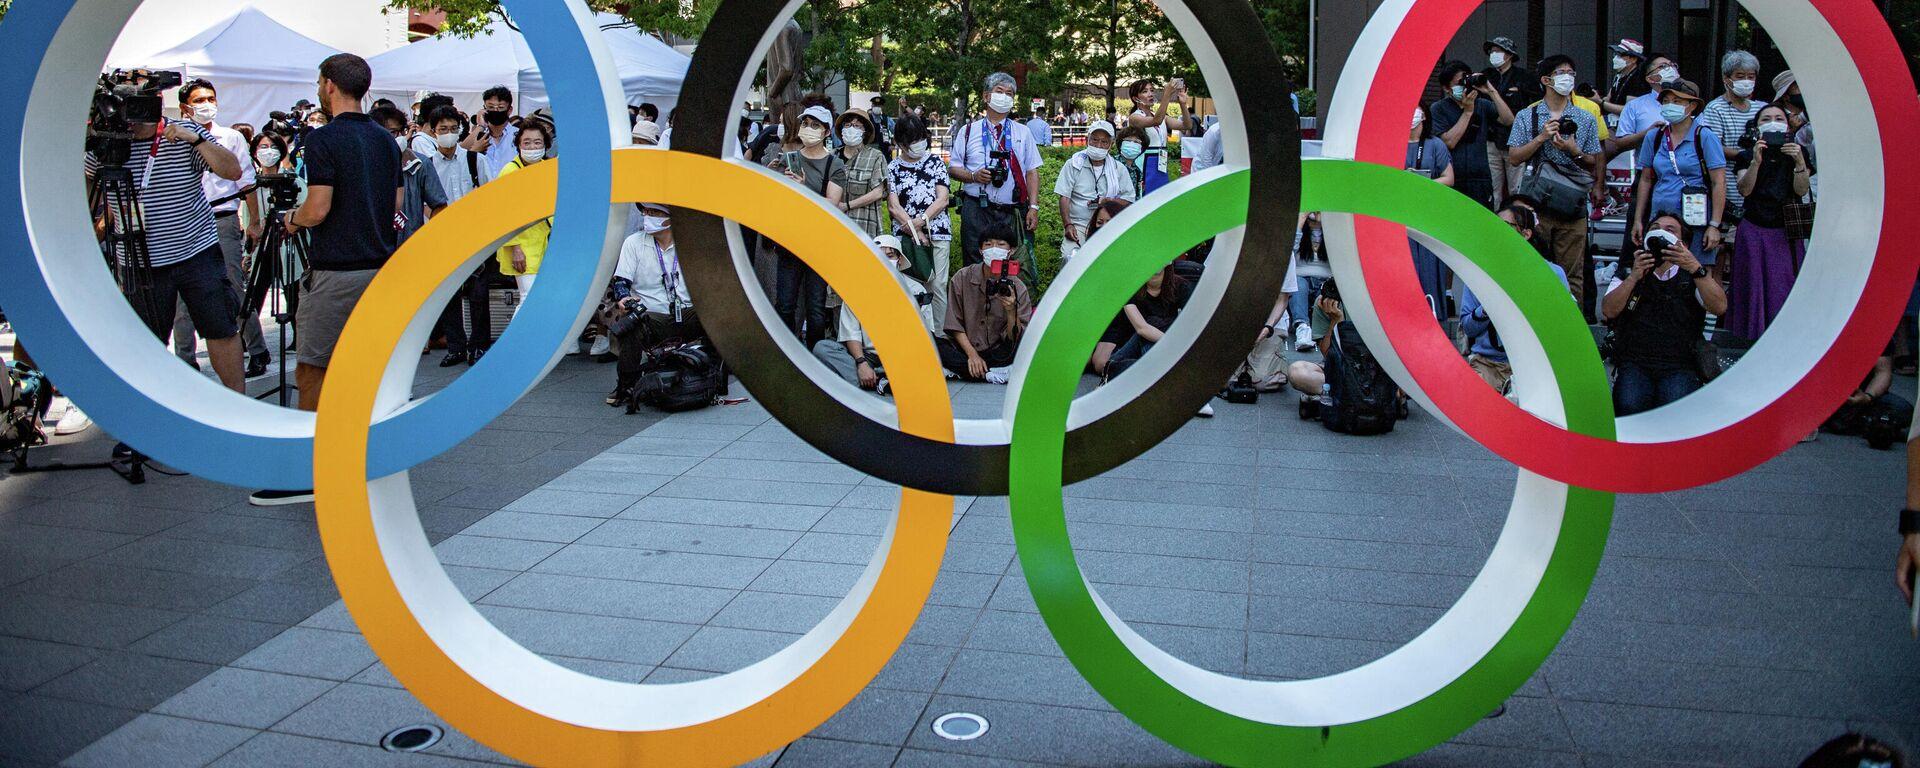 Олимпийские кольца, Токио - Sputnik Узбекистан, 1920, 23.07.2021